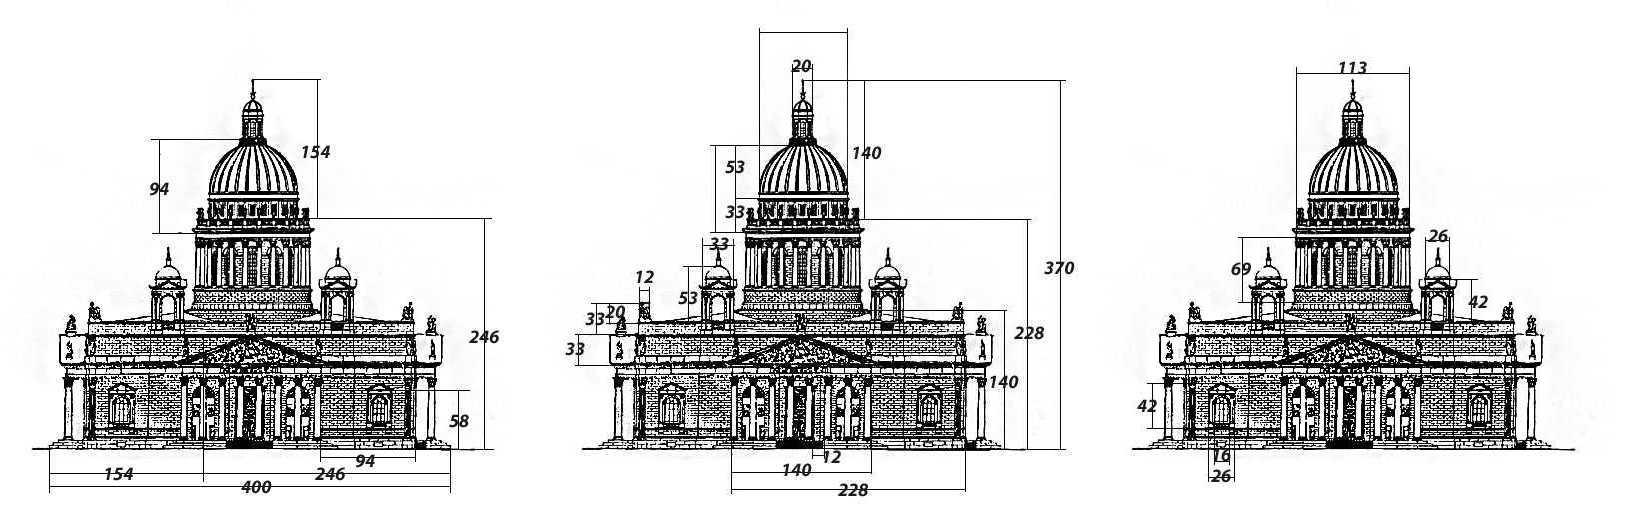 Пример золотого сечения в архитектуре Исаакиевского собора